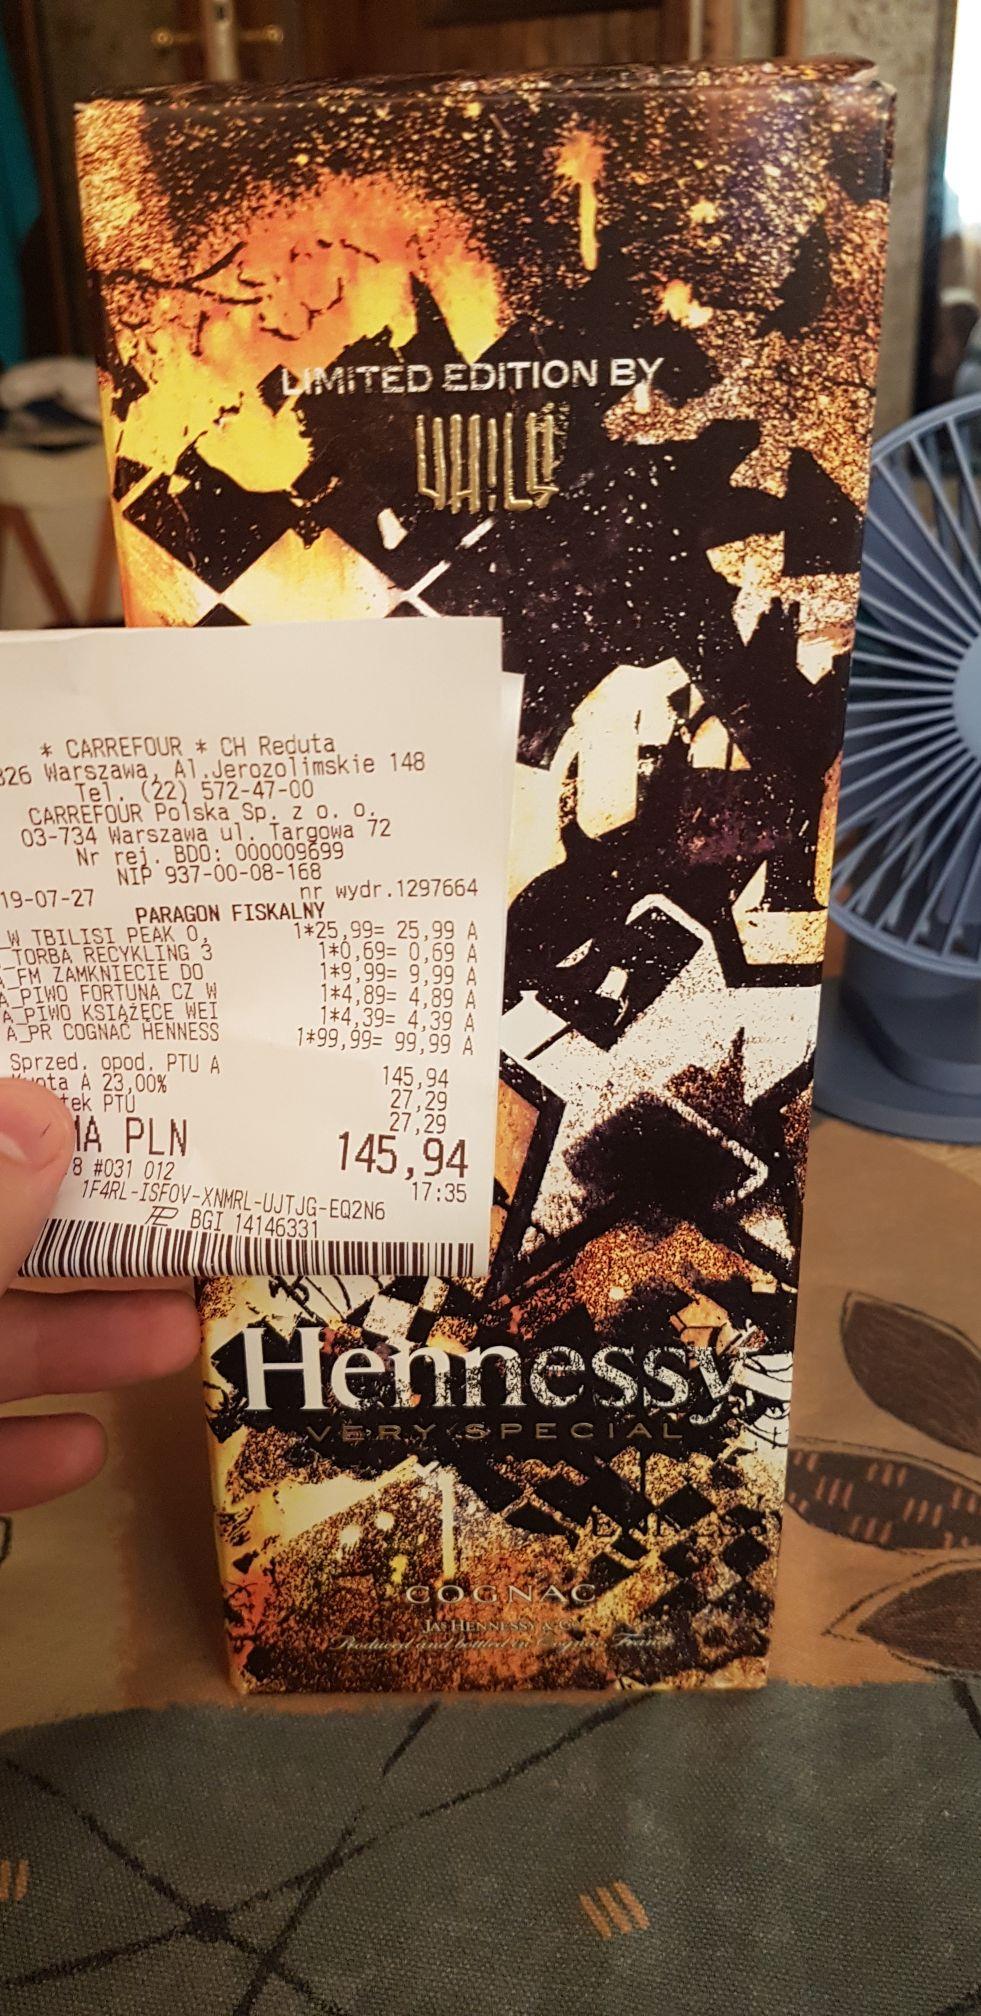 Hennessy VS Limited Edition 0.7l Carrefour Reduta Warszawa